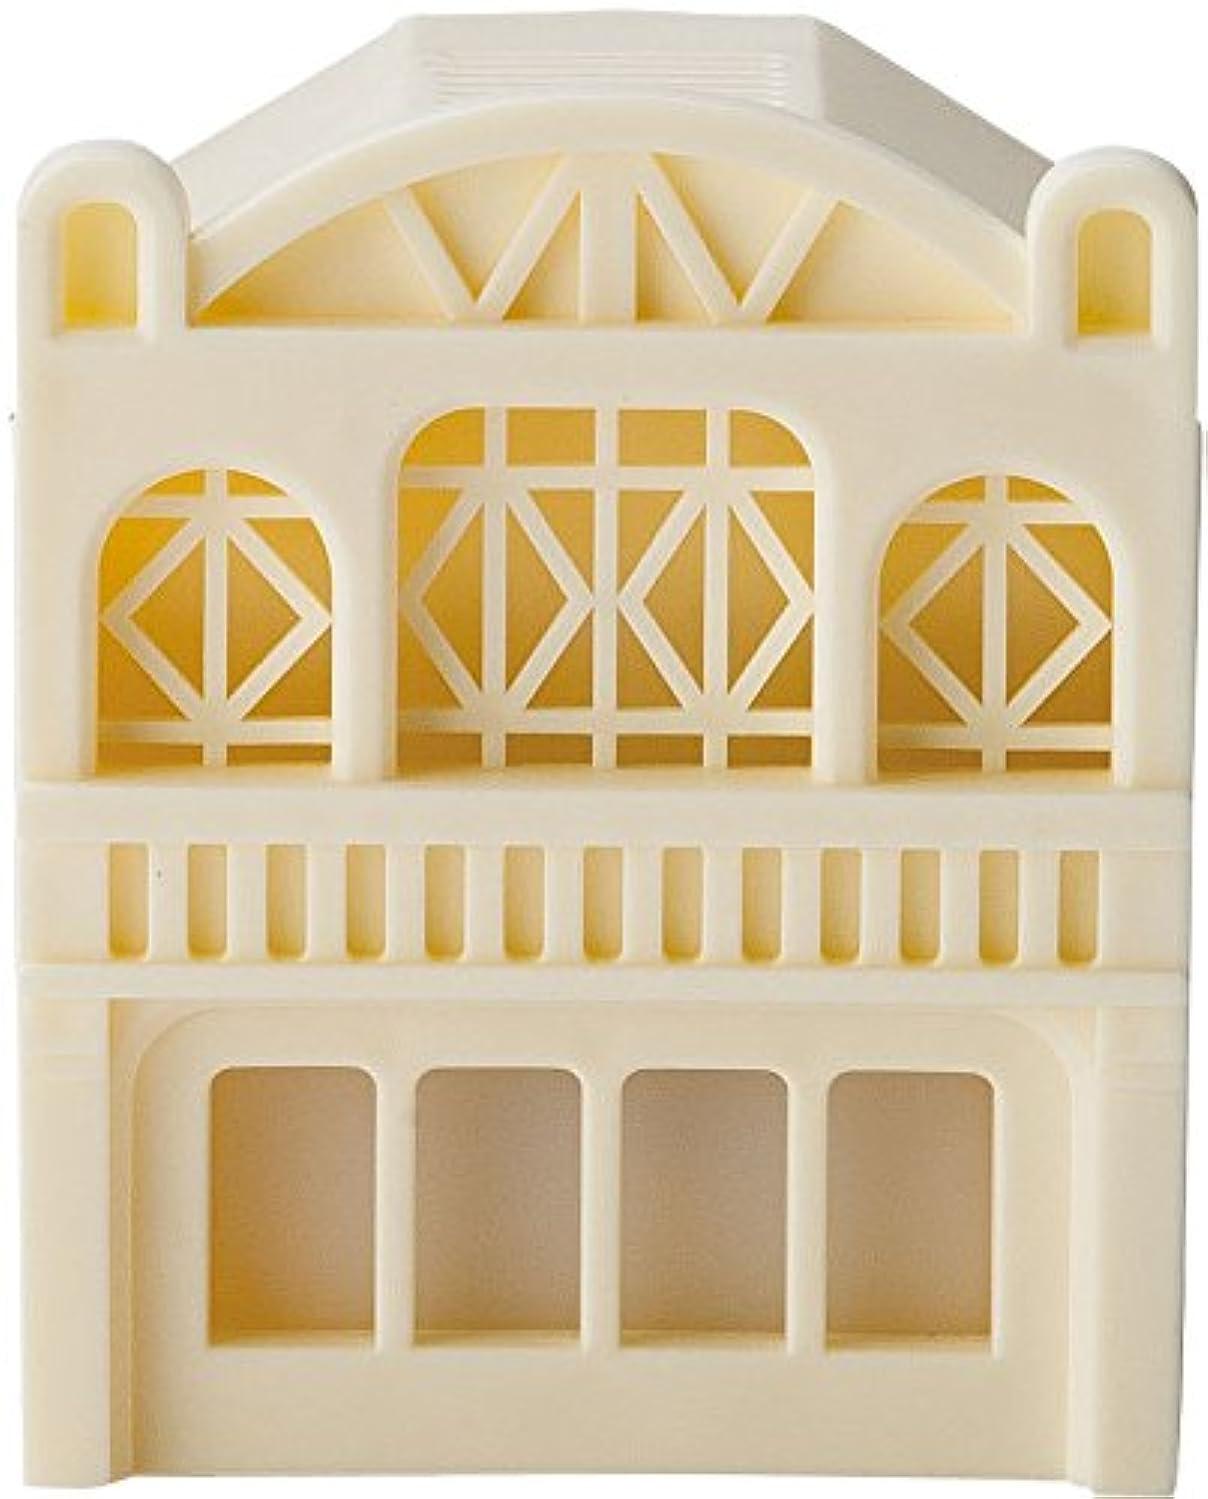 王子チョコレート気を散らすラドンナ CUTENSIL AROMA HOUSE FAN (アロマハウスファン) CU01-AHF アイボリー